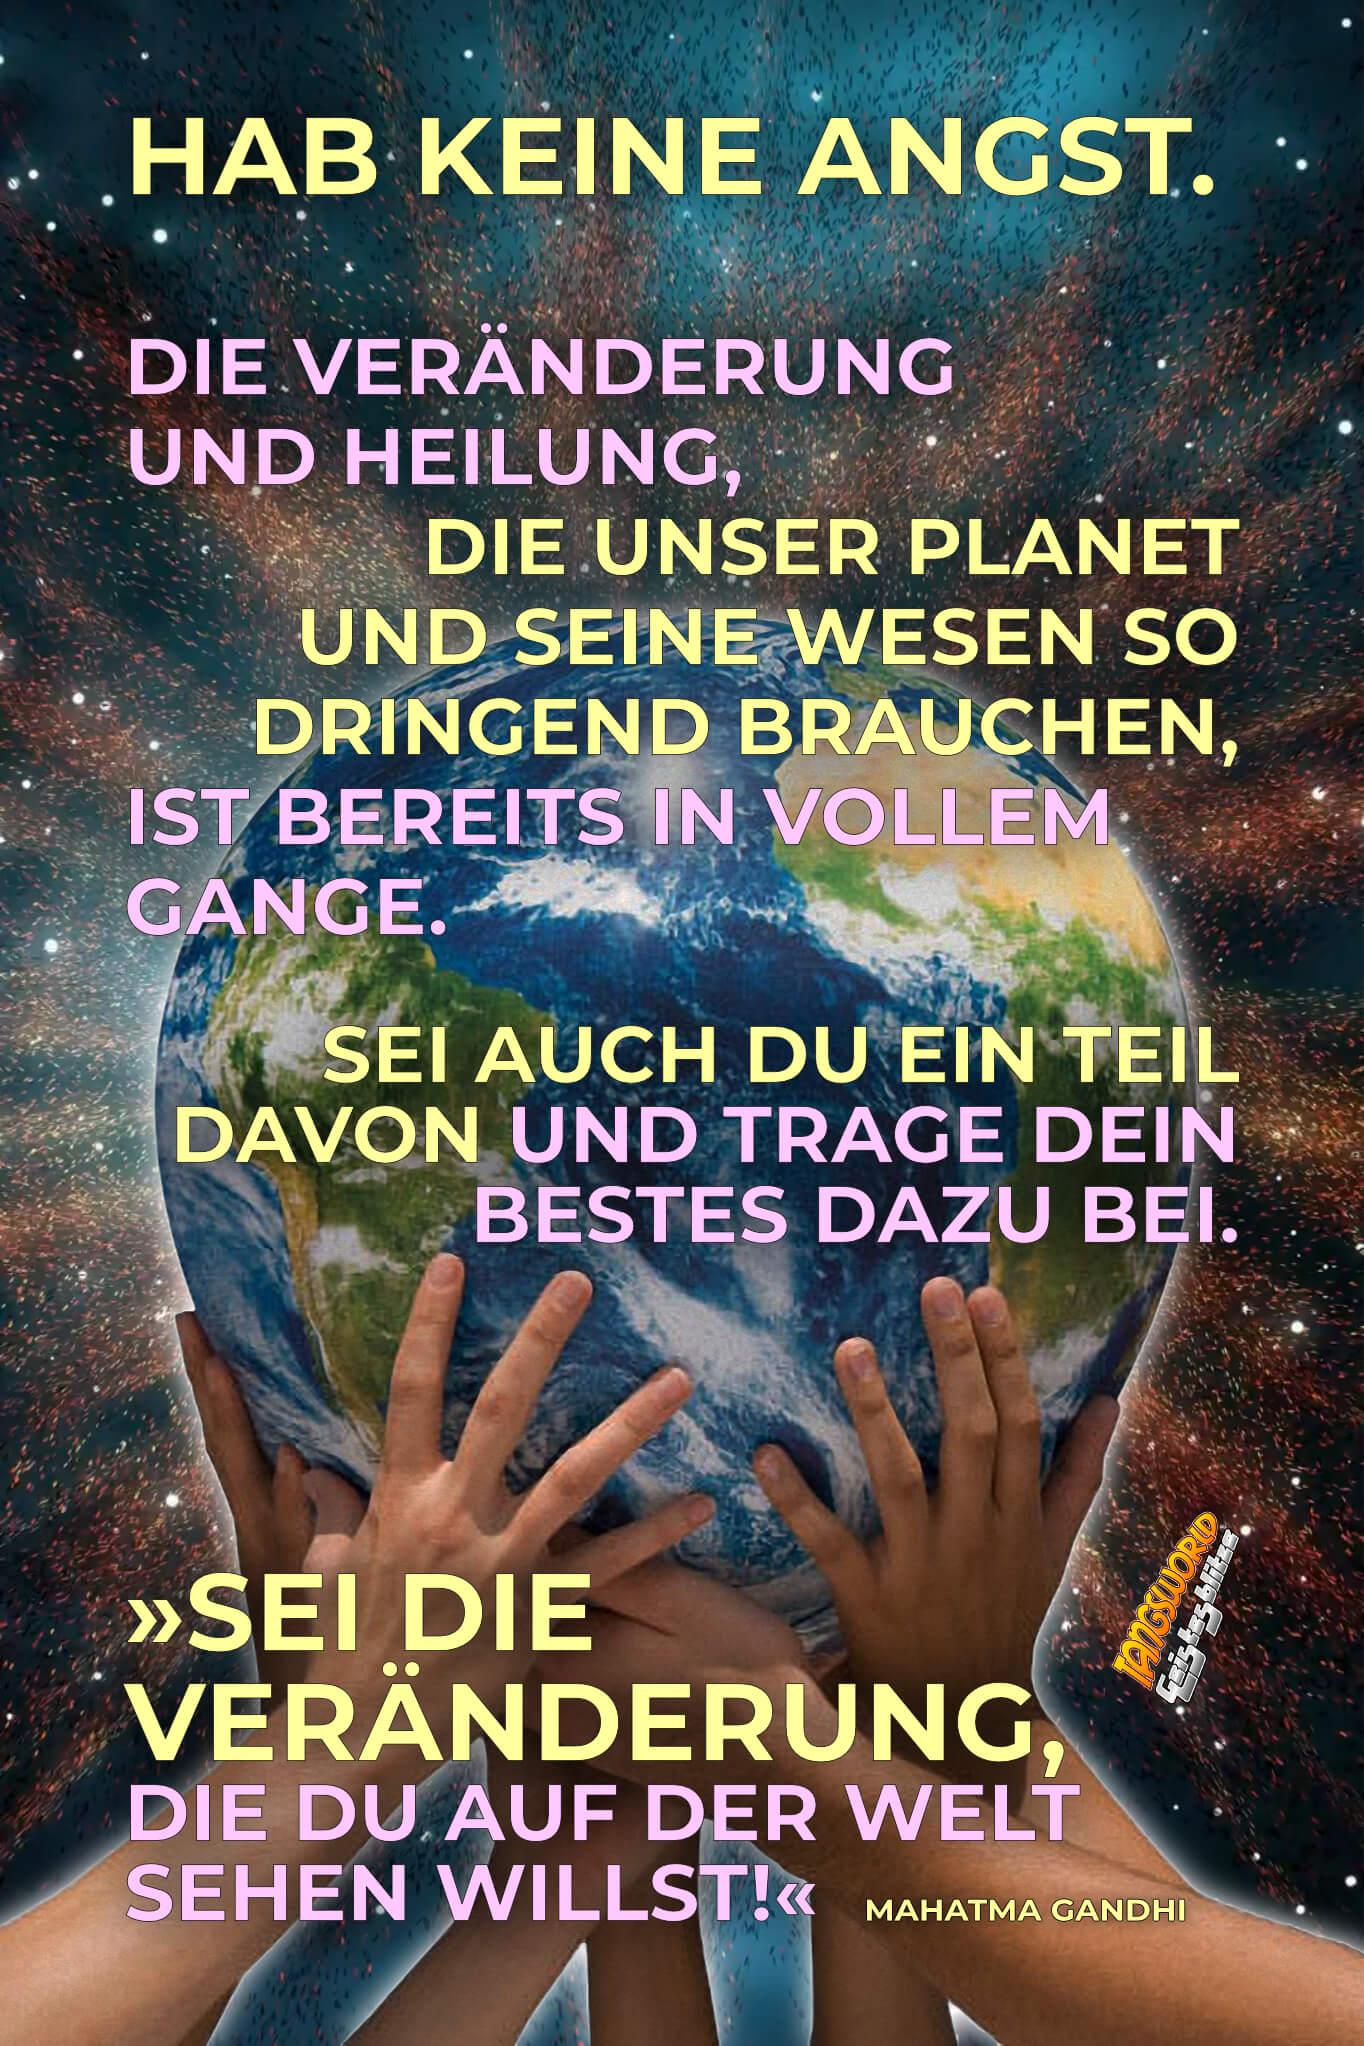 Hab keine Angst. Die Veränderung und Heilung, die unser Planet und seine Wesen so dringend brauchen, ist bereits in vollem Gange. Sei auch du ein Teil davon und trage dein Bestes dazu bei. »Sei die Veränderung, die du auf der Welt sehen willst!« - Mahatma Gandhi - Geistesblitze